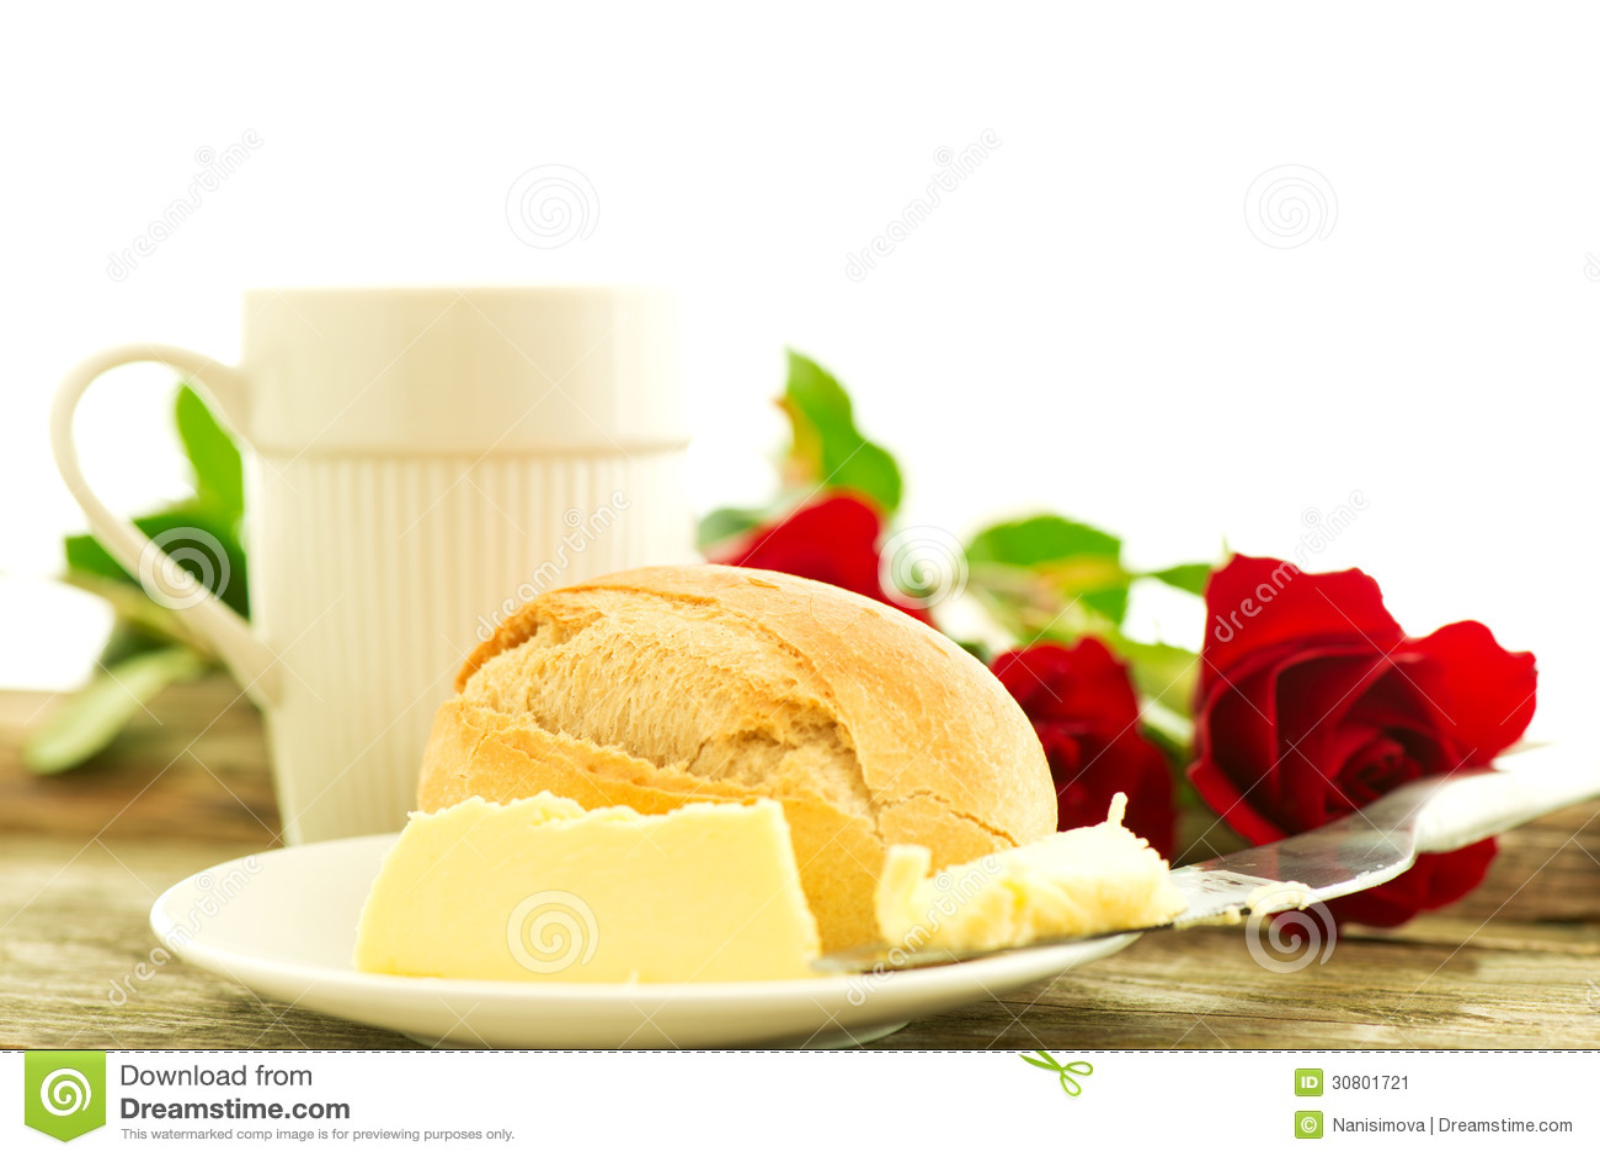 petit d jeuner romantique avec des fleurs image stock image 30801721. Black Bedroom Furniture Sets. Home Design Ideas